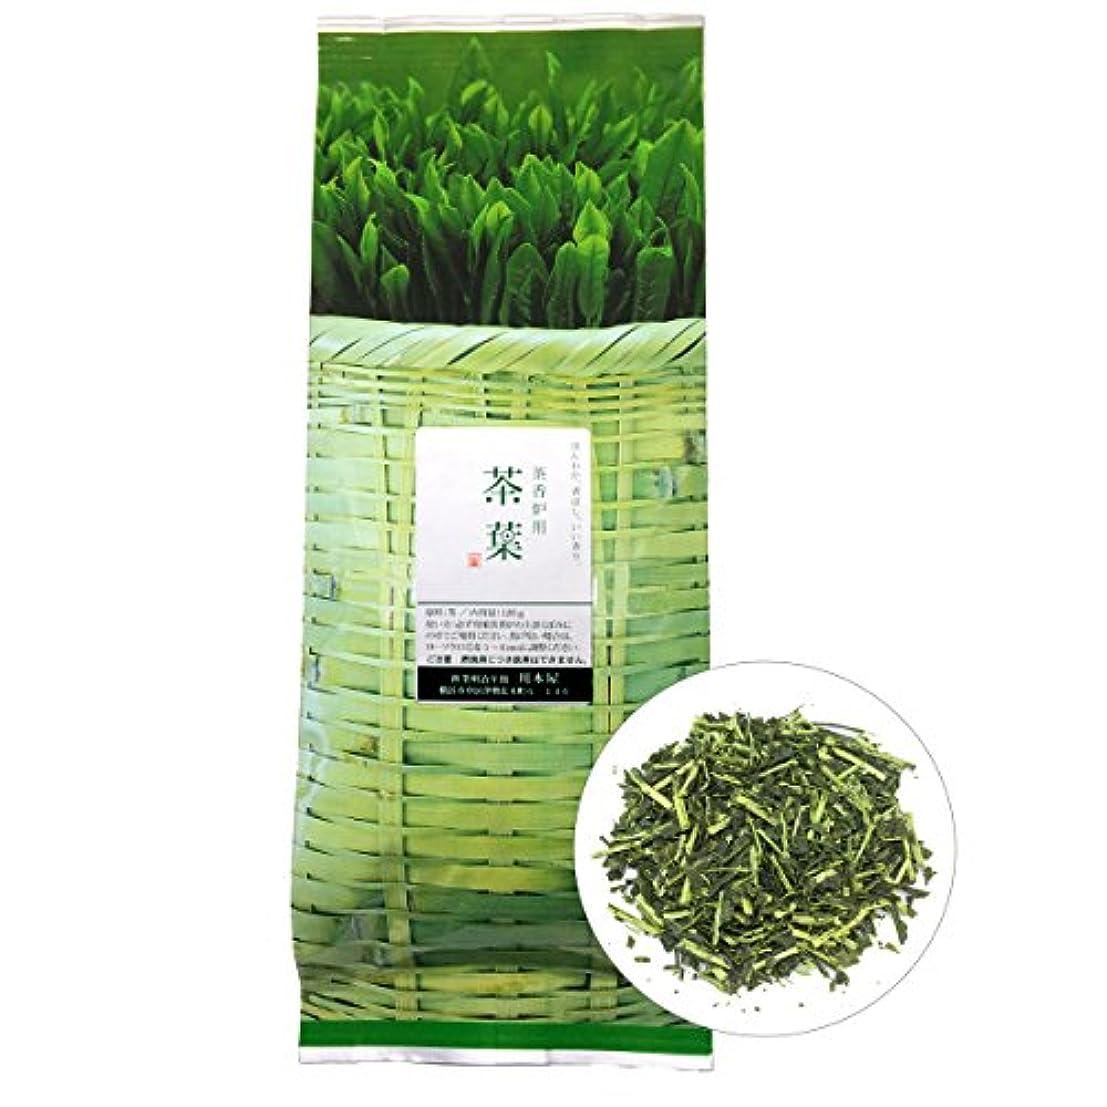 自治スラム街ドラッグ国産 茶香炉専用 茶葉110g (1袋) 川本屋茶舗